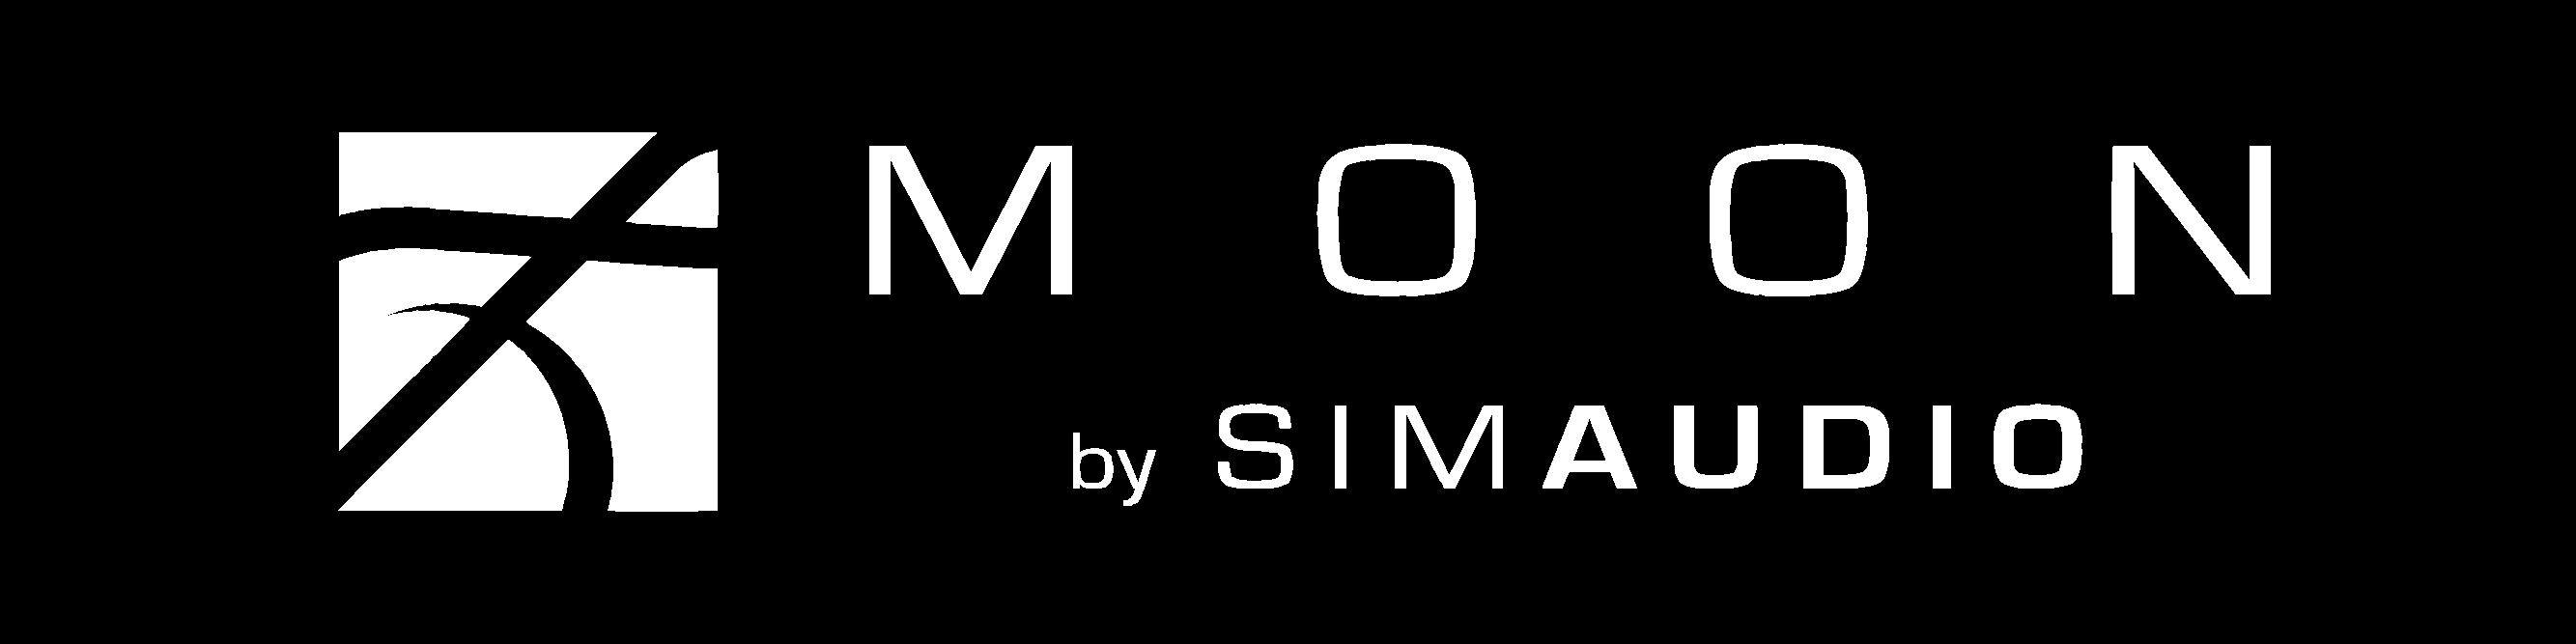 Simaudio